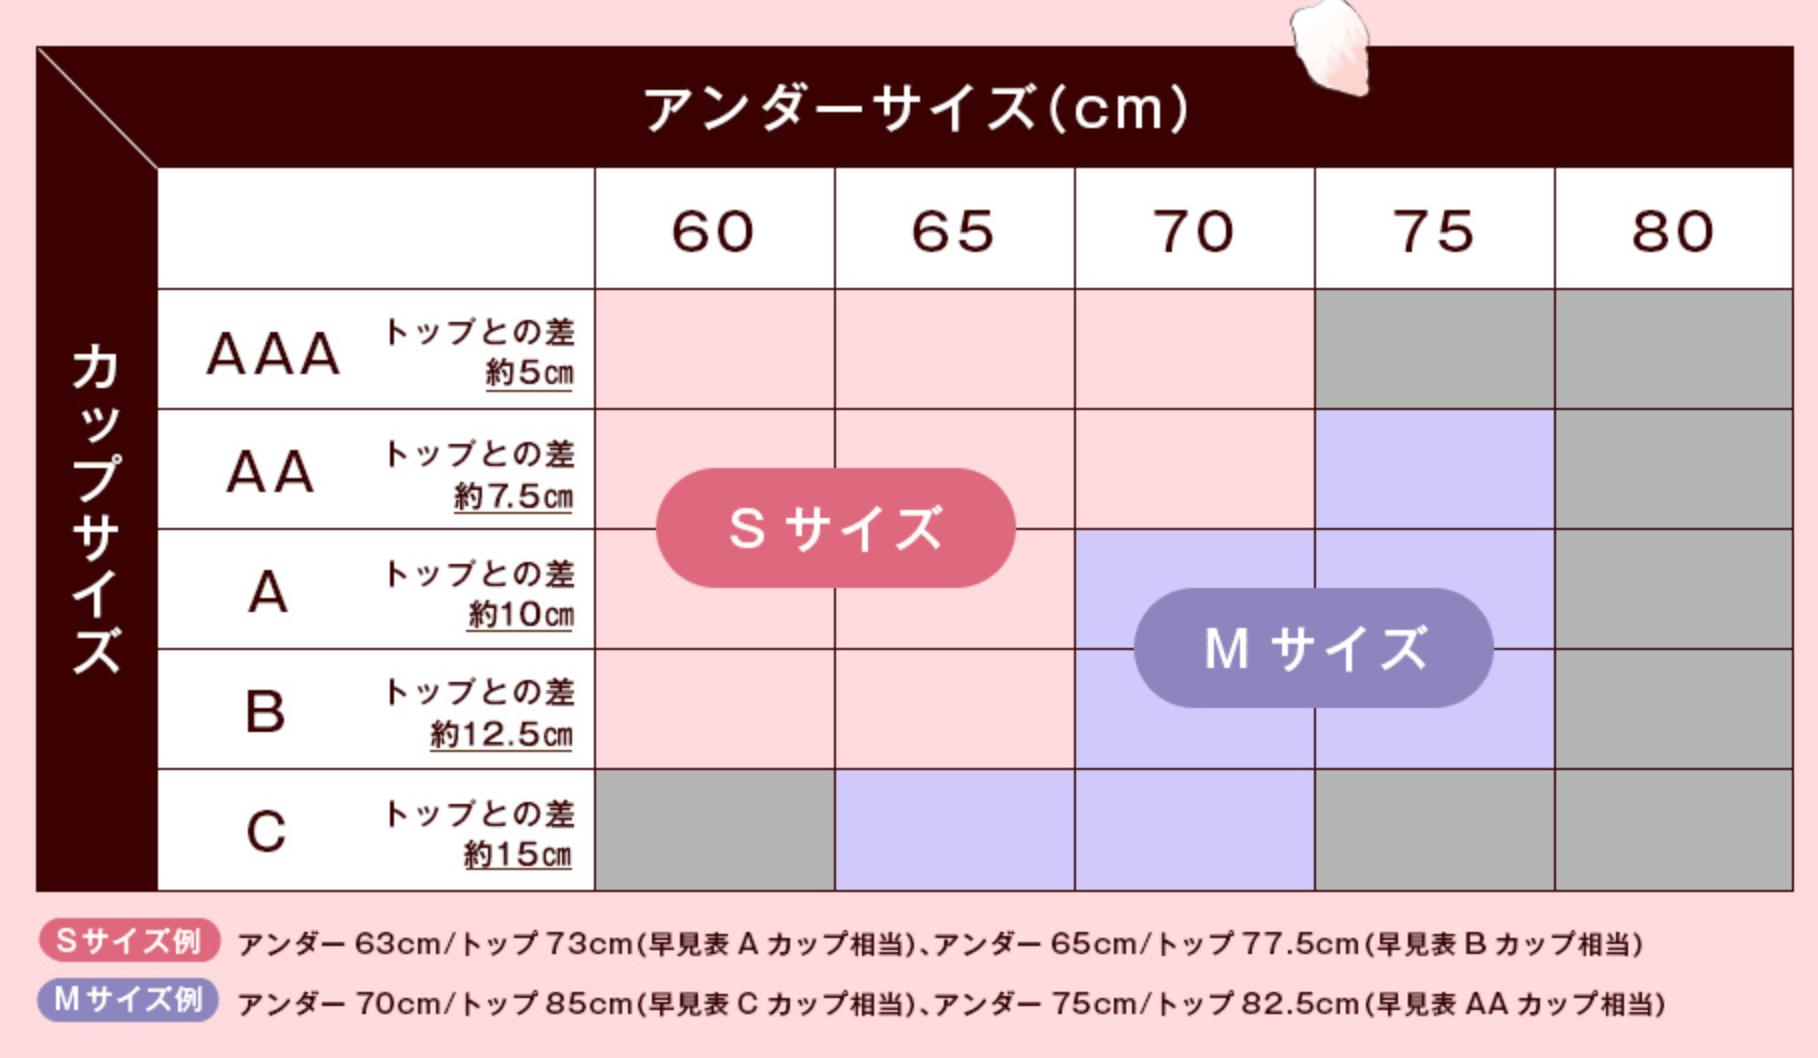 ルーナナチュラルアップナイトブラサイズ表